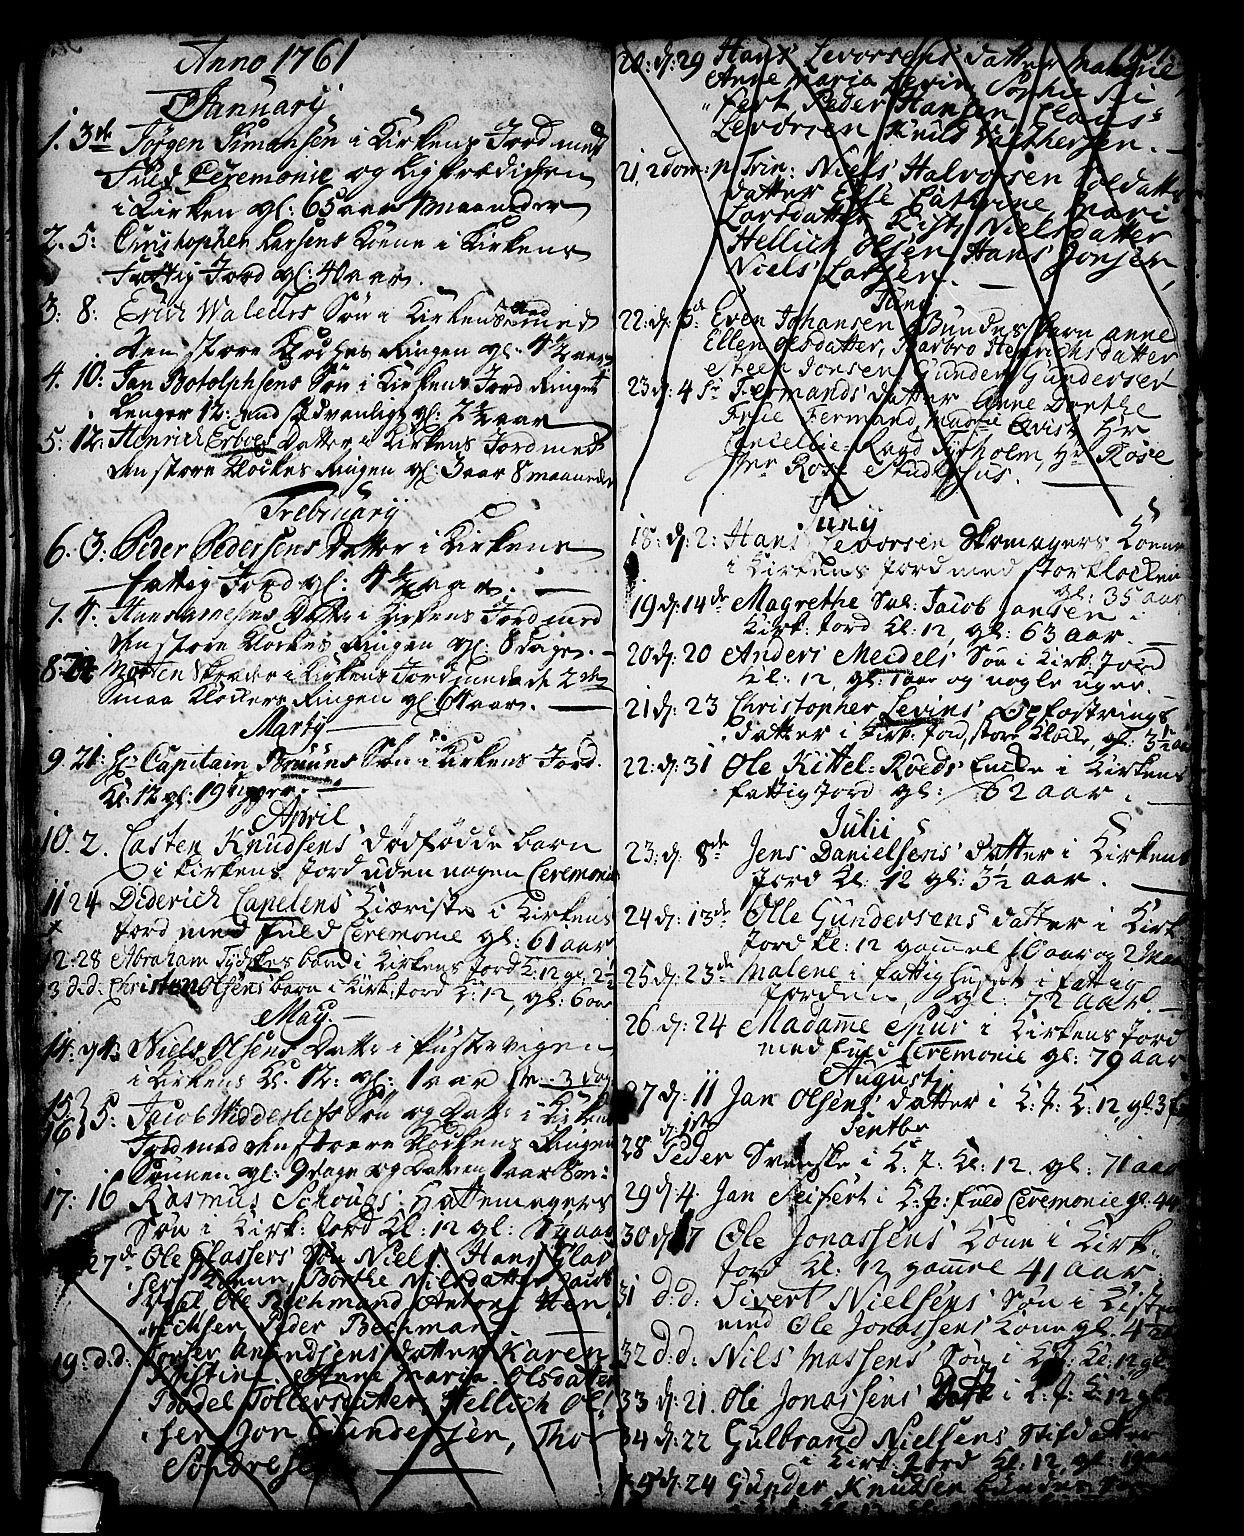 SAKO, Skien kirkebøker, G/Ga/L0001: Klokkerbok nr. 1, 1756-1791, s. 137